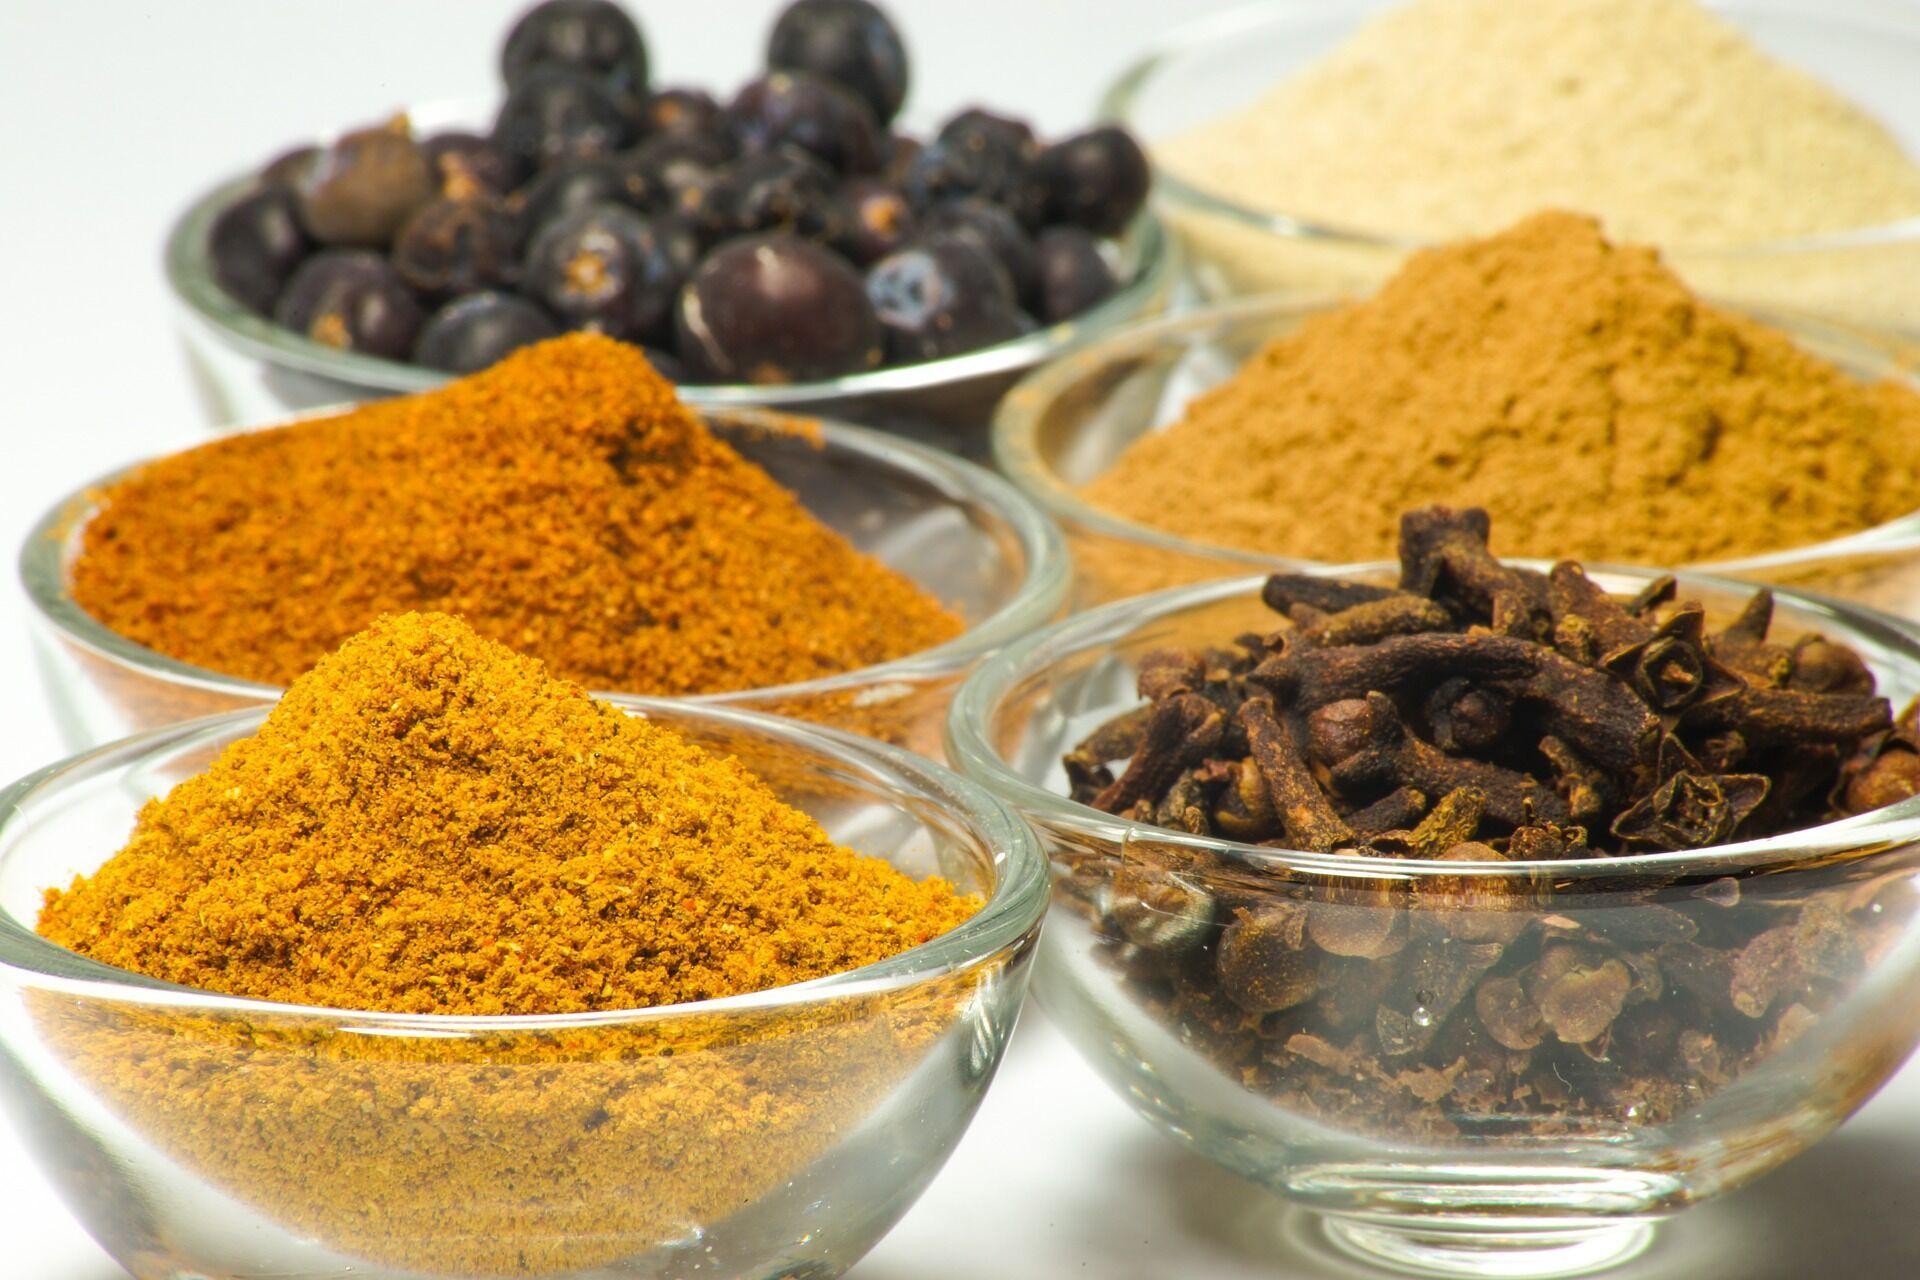 Гаряча, гостра їжа сприяє більш тривалому охолодженню, ніж холодна